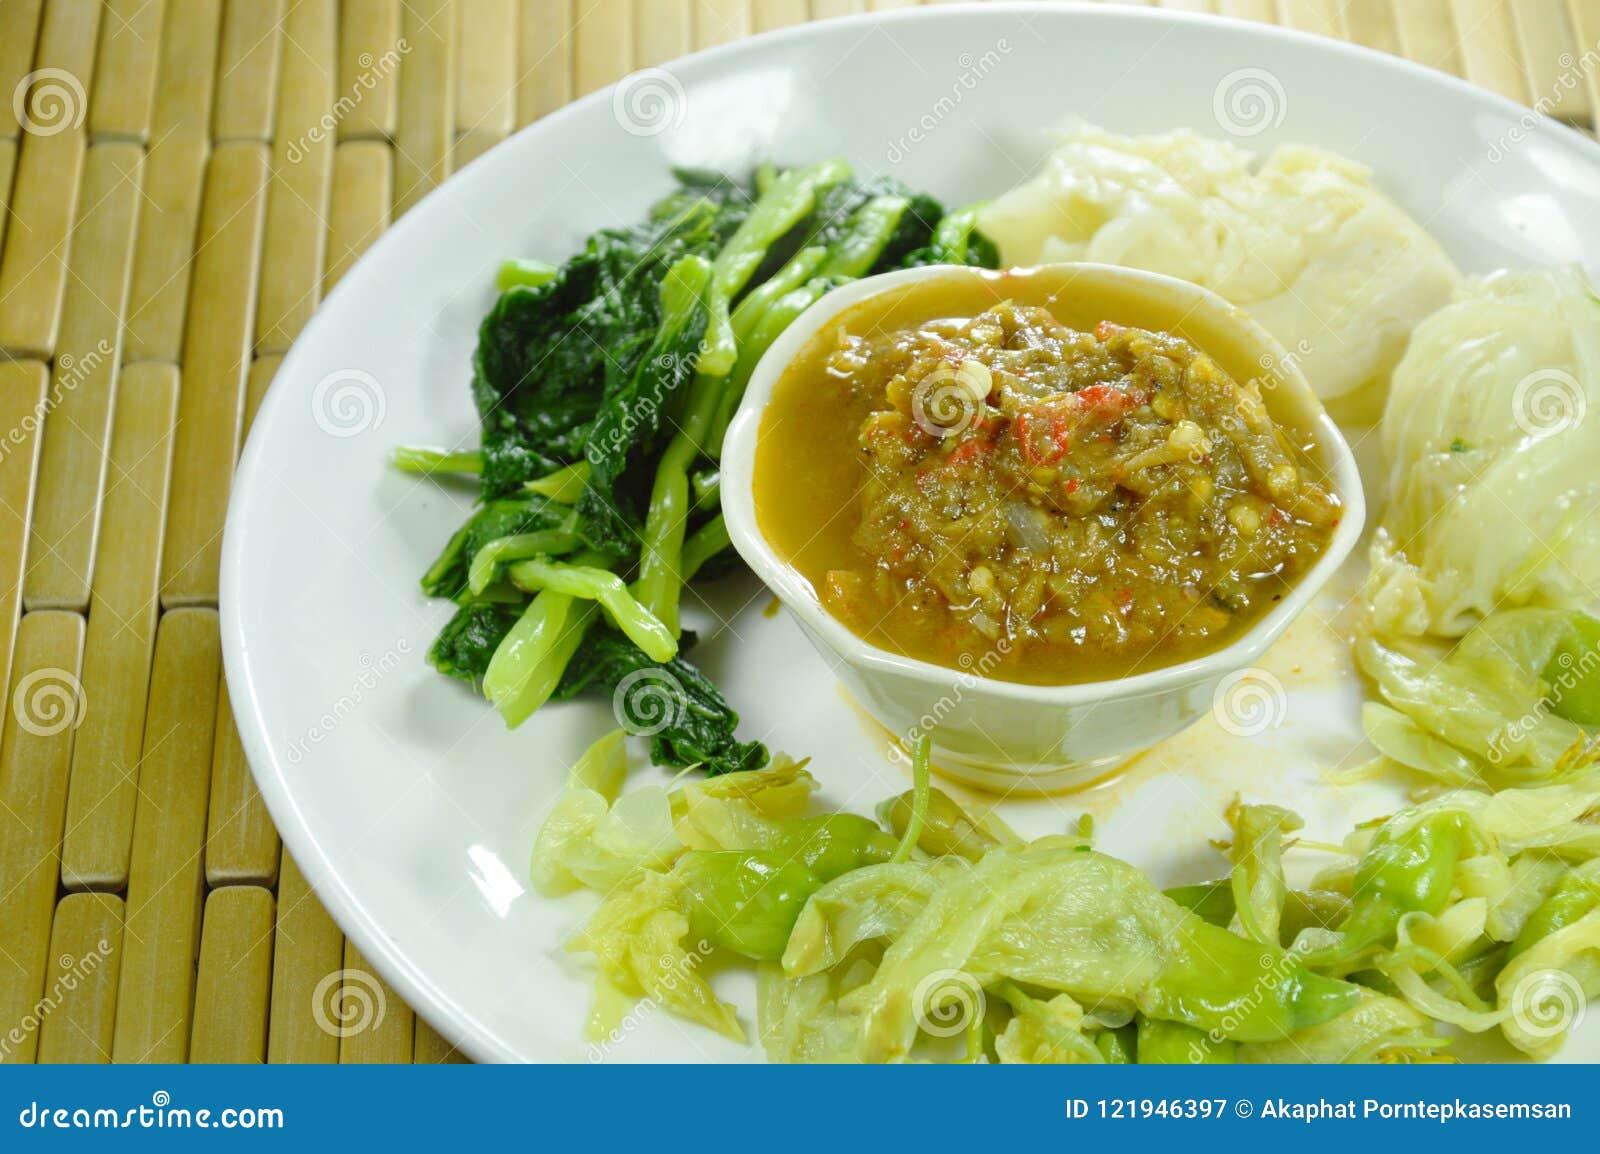 Η πεταλοειδής κόλλα τσίλι καβουριών τρώει το ζεύγος με βρασμένο το ποικιλία λαχανικό στο πιάτο